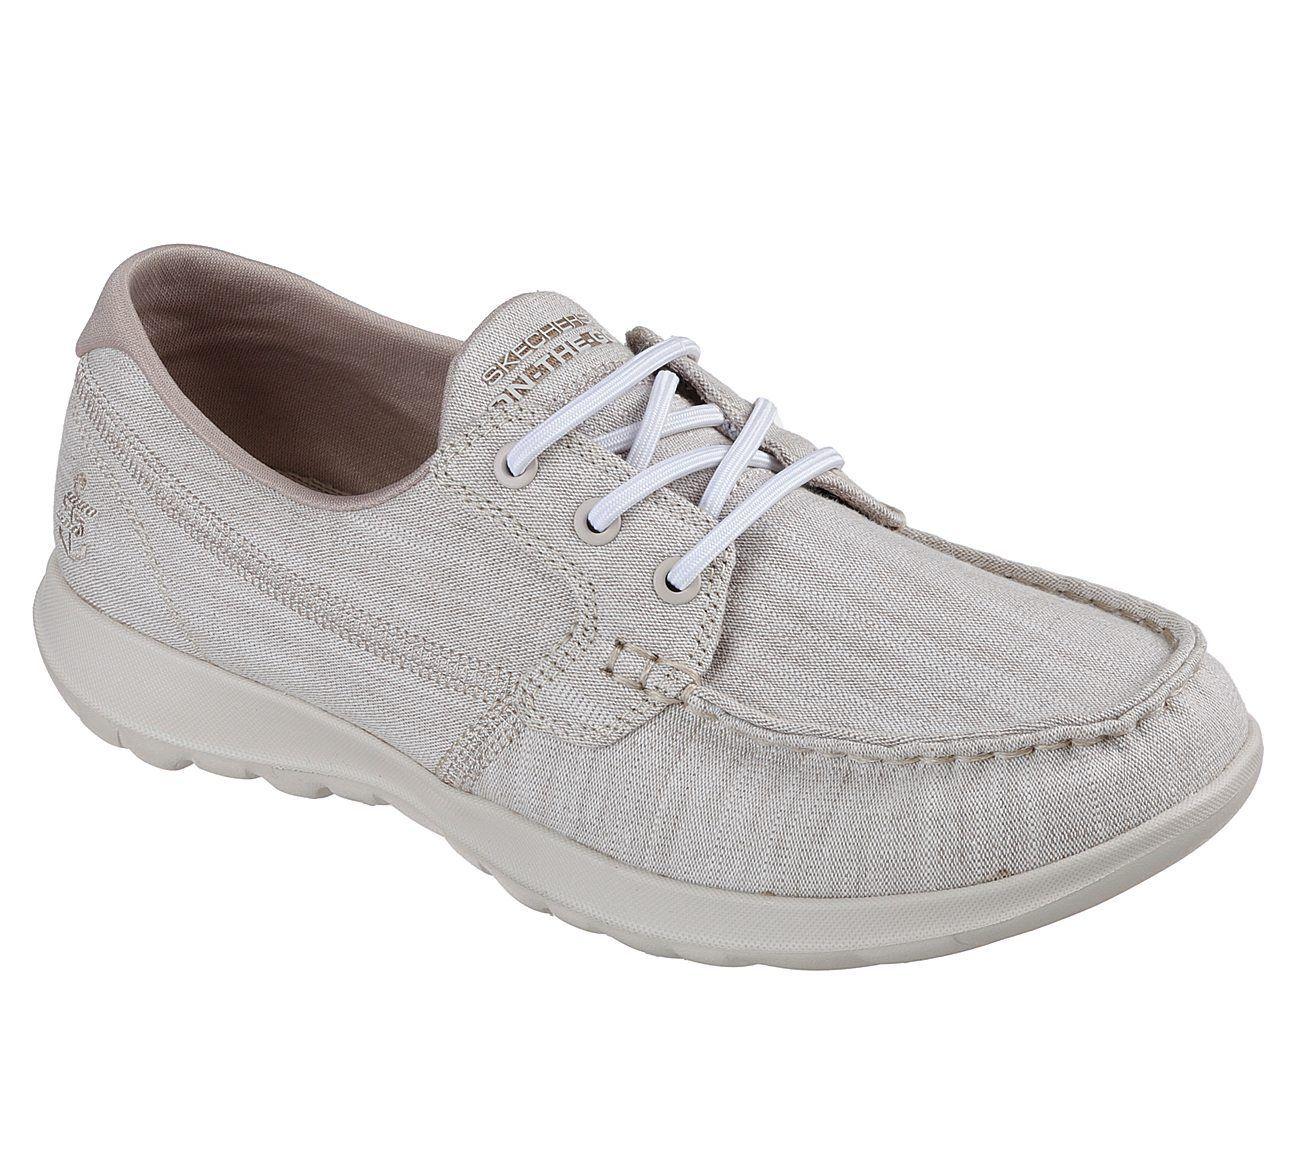 SKECHERS gowalk lite-isla femmes taupe lacet Chaussures bateau baskets